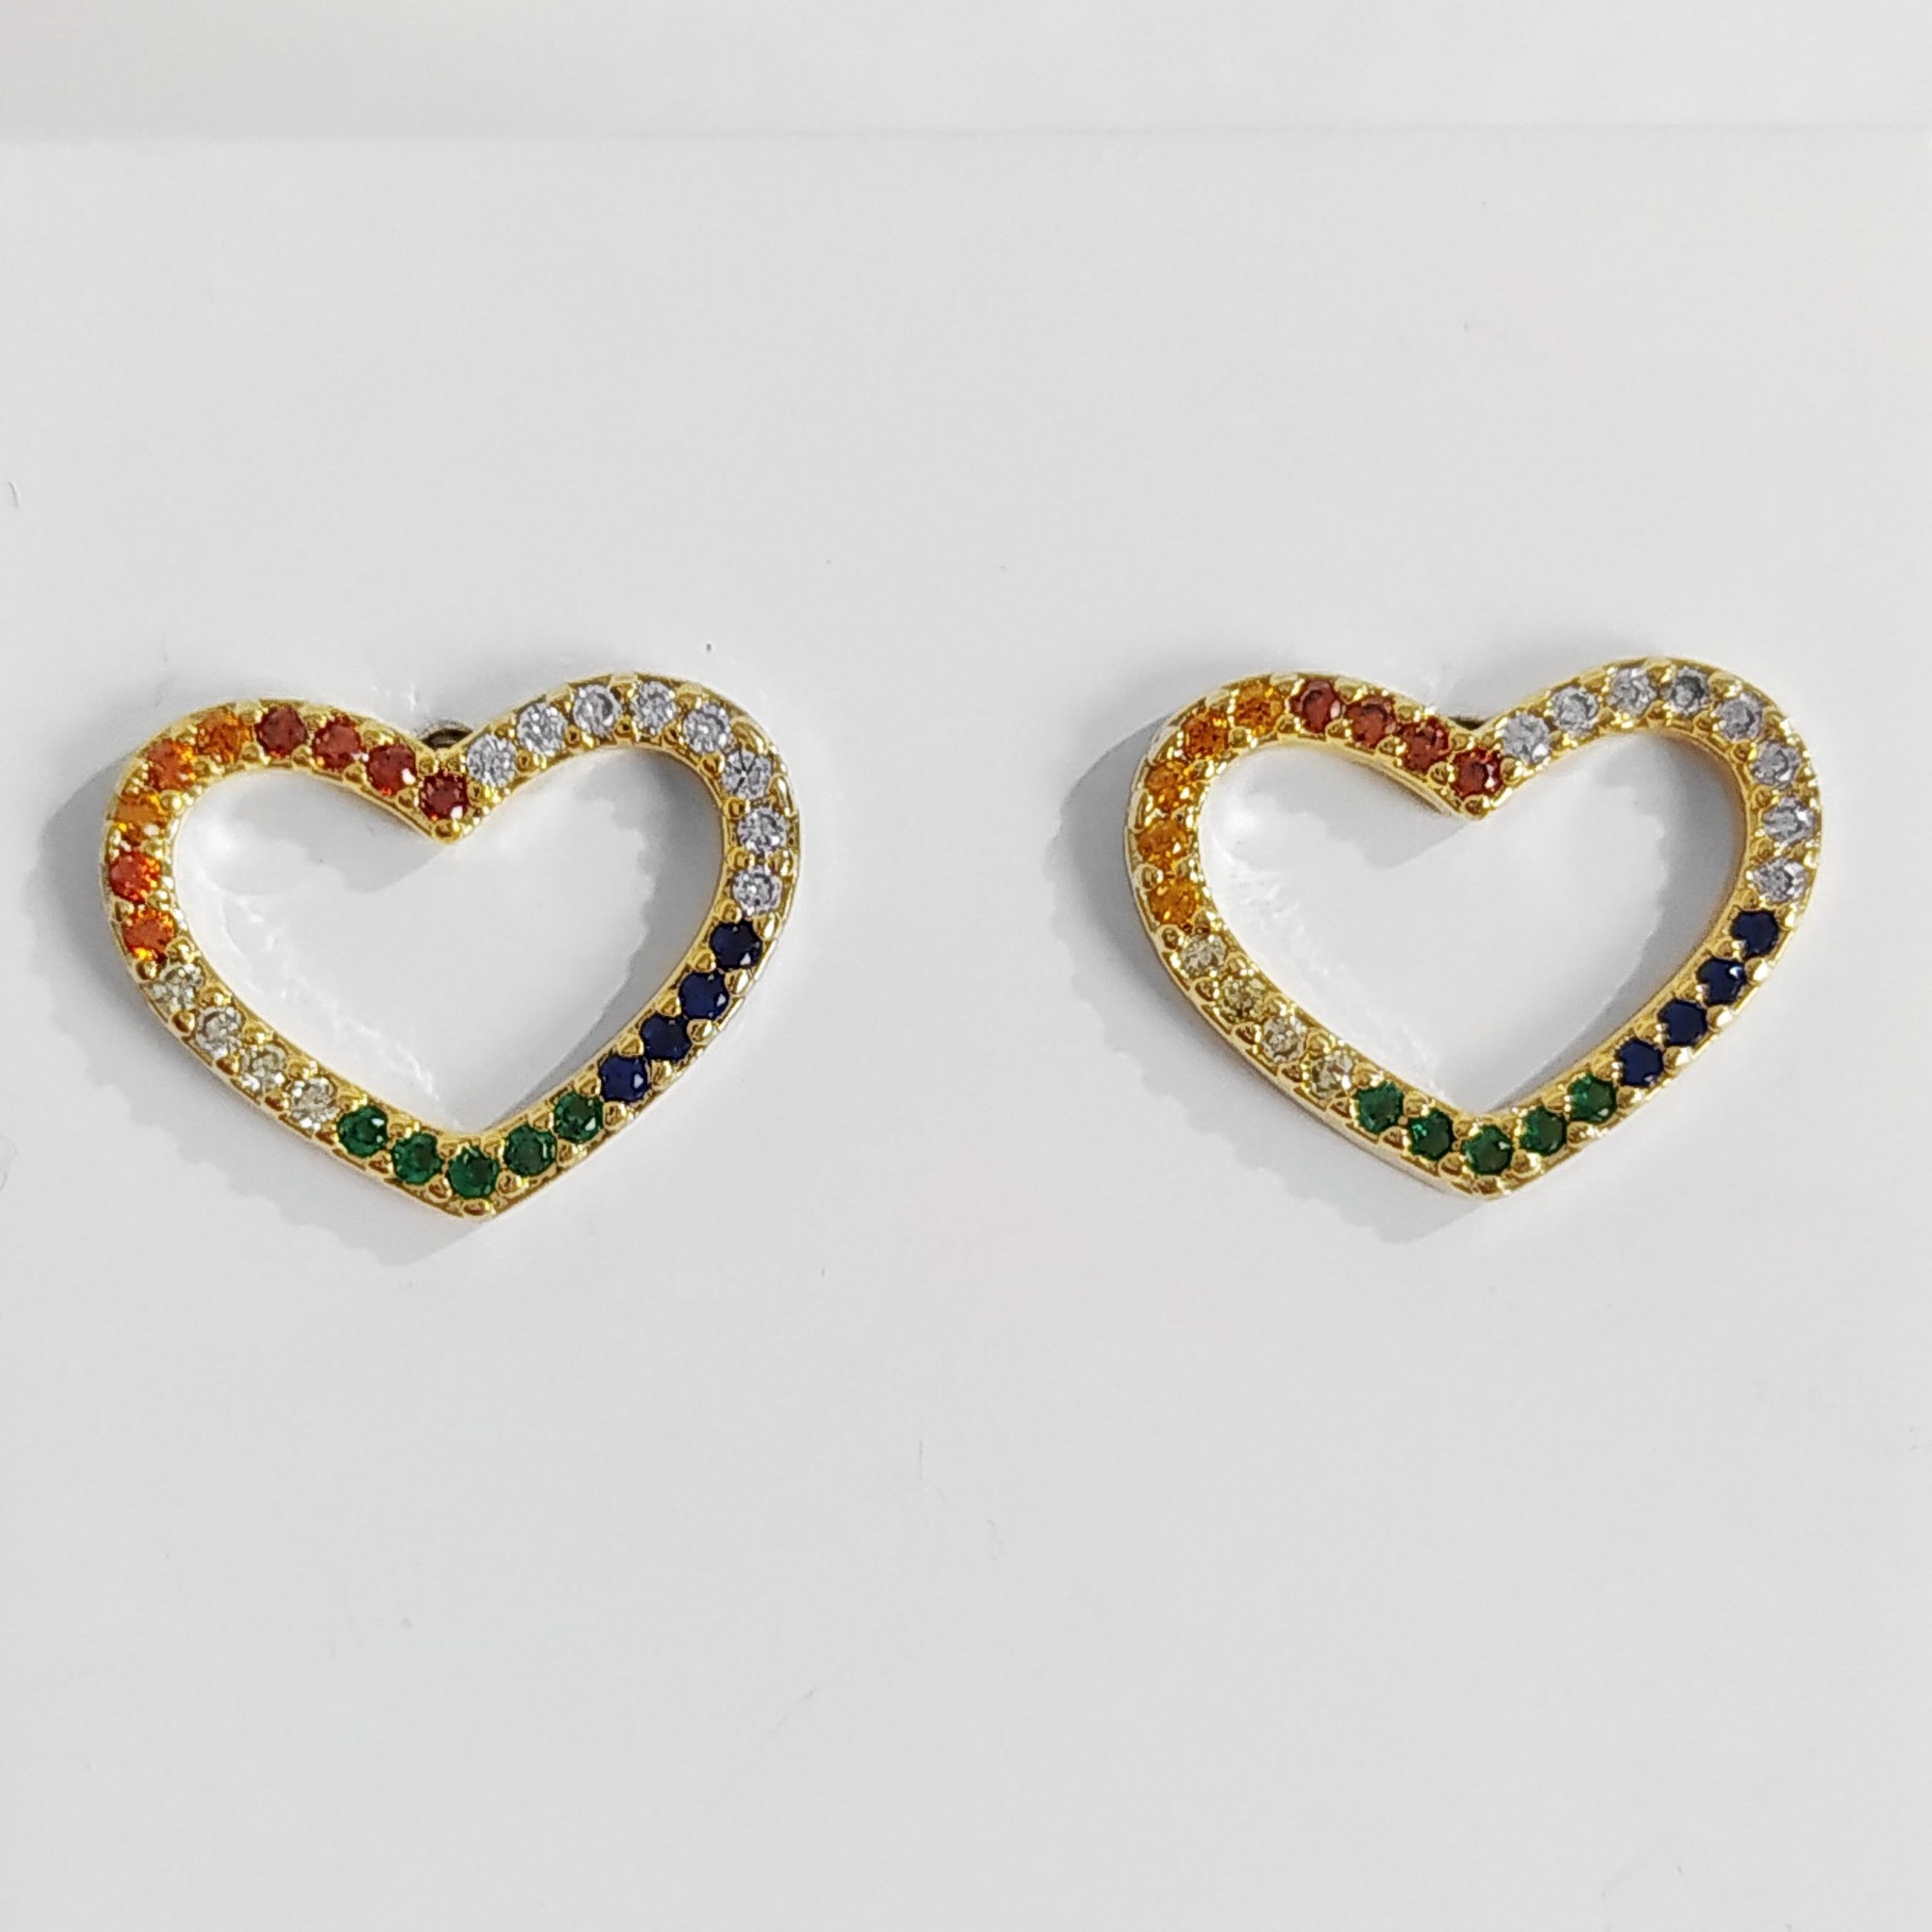 Brinco de Coração Zircônia Colorida Folheado a Ouro 18k  - Lunozê Joias